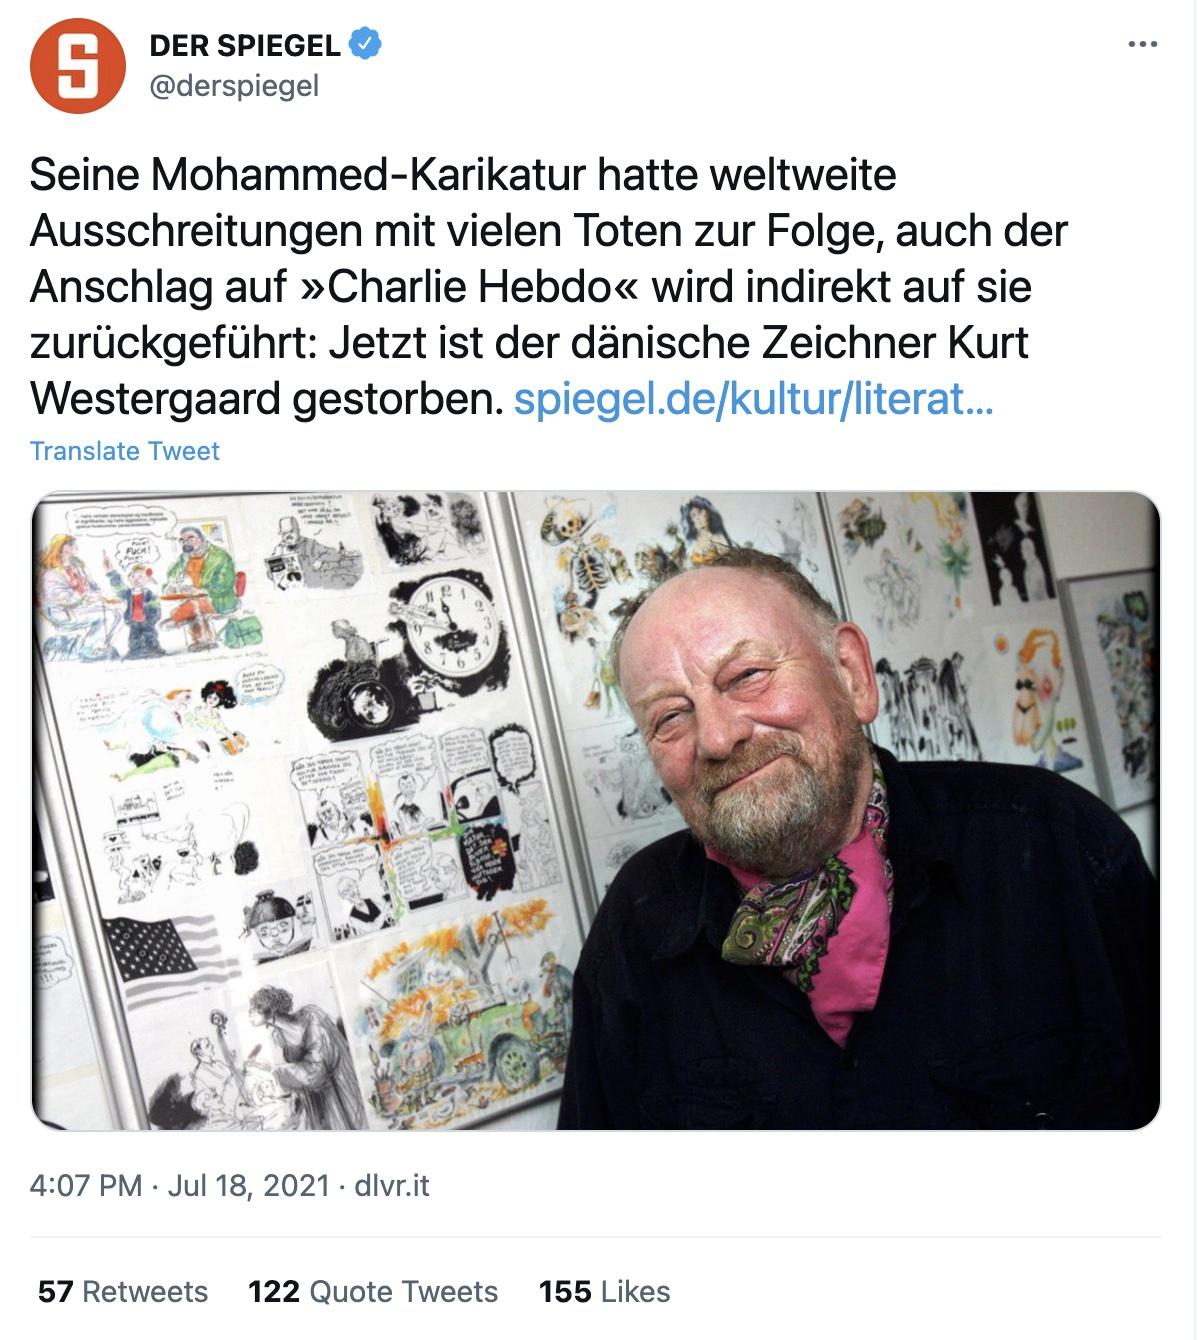 https://www.jihadwatch.org/wp-content/uploads/2021/07/Spiegel-Westergaard.jpg